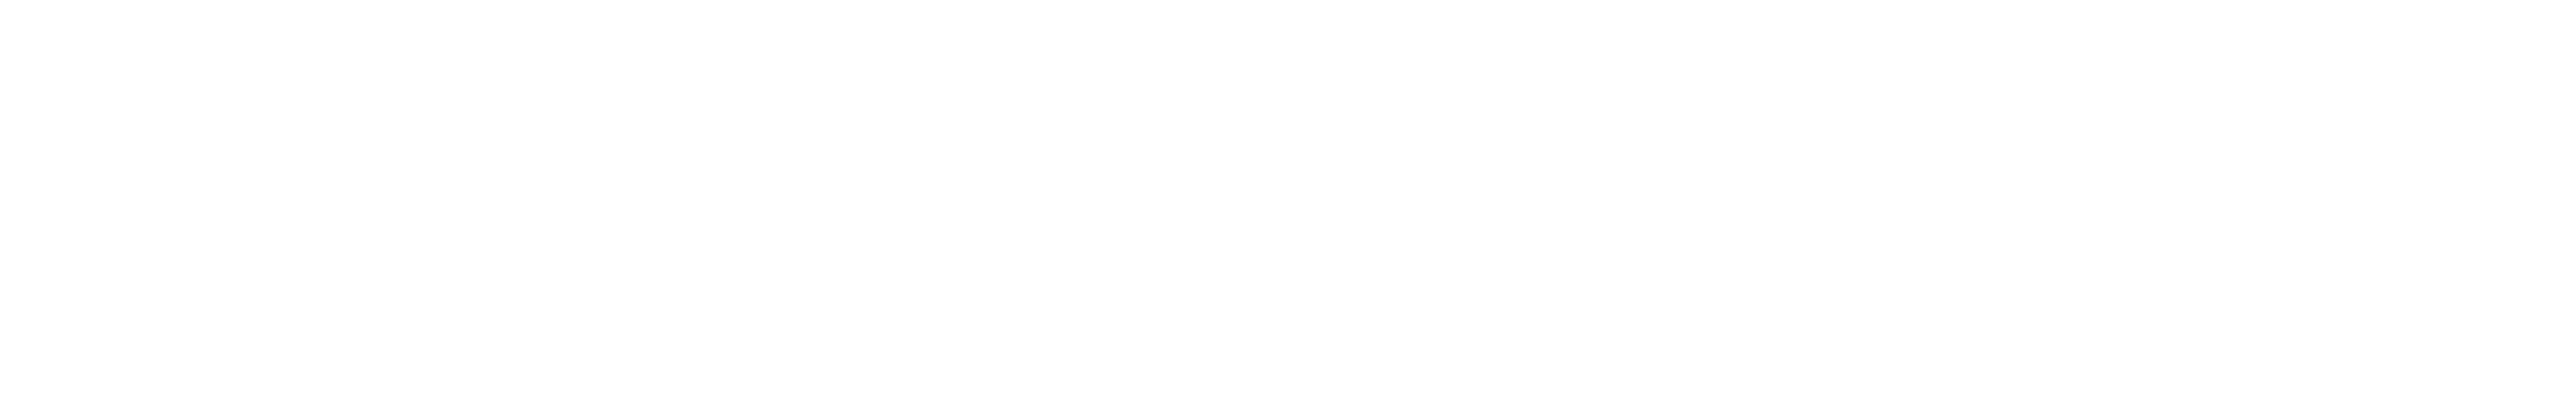 Digital Ability